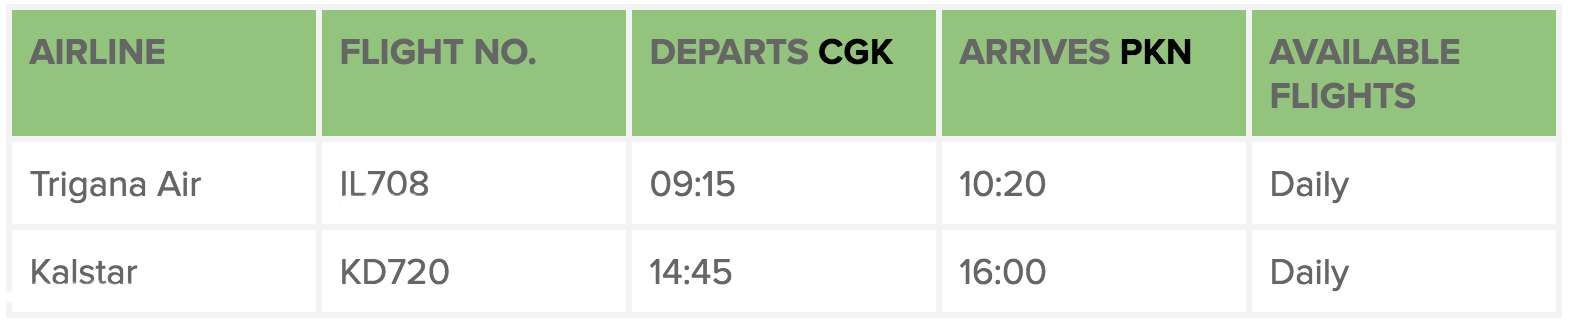 Jakarta flight details